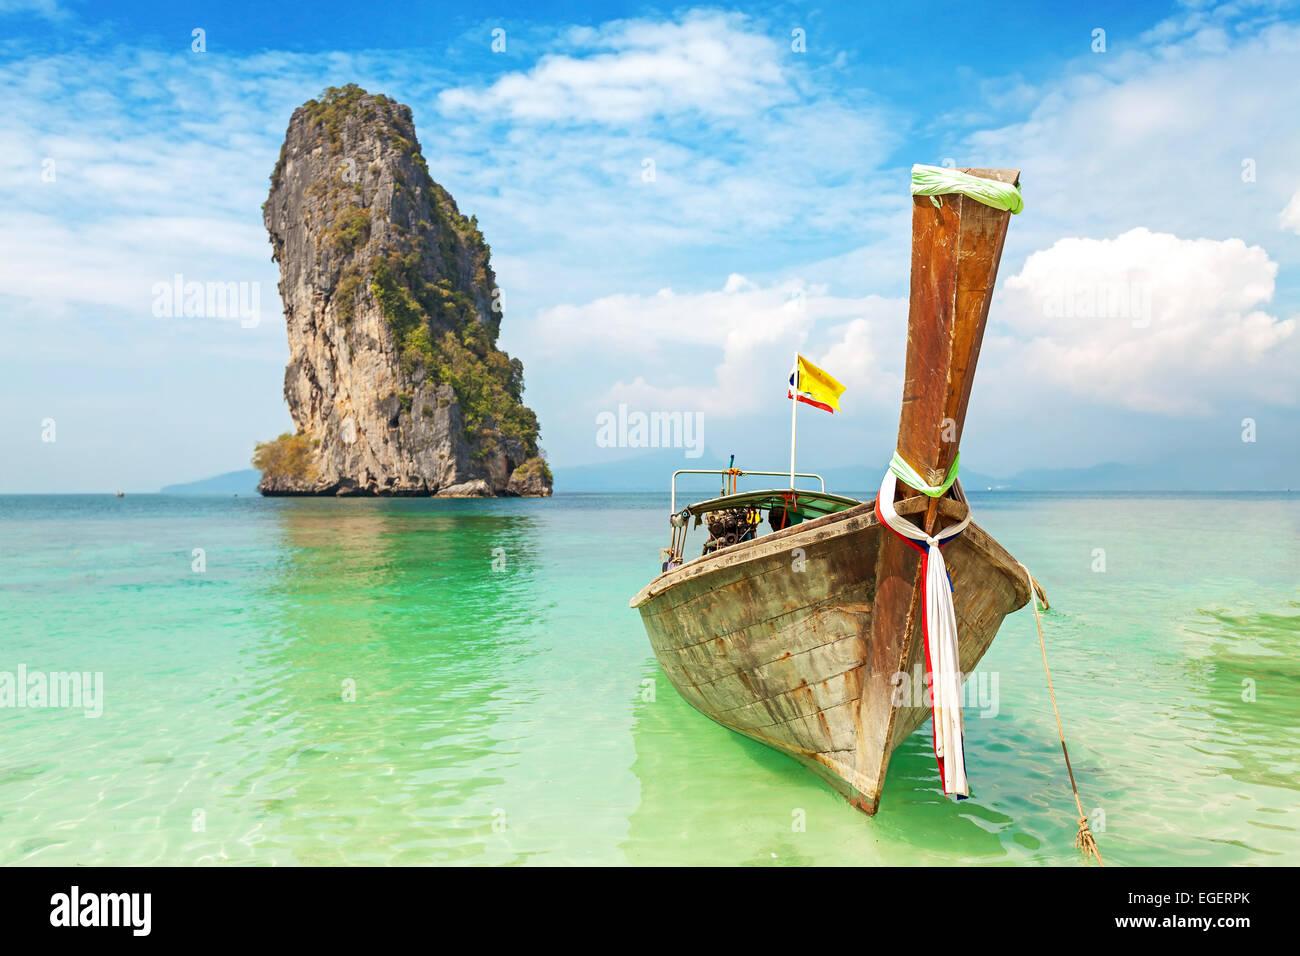 Viejo barco de madera en una isla tropical. Imagen De Stock